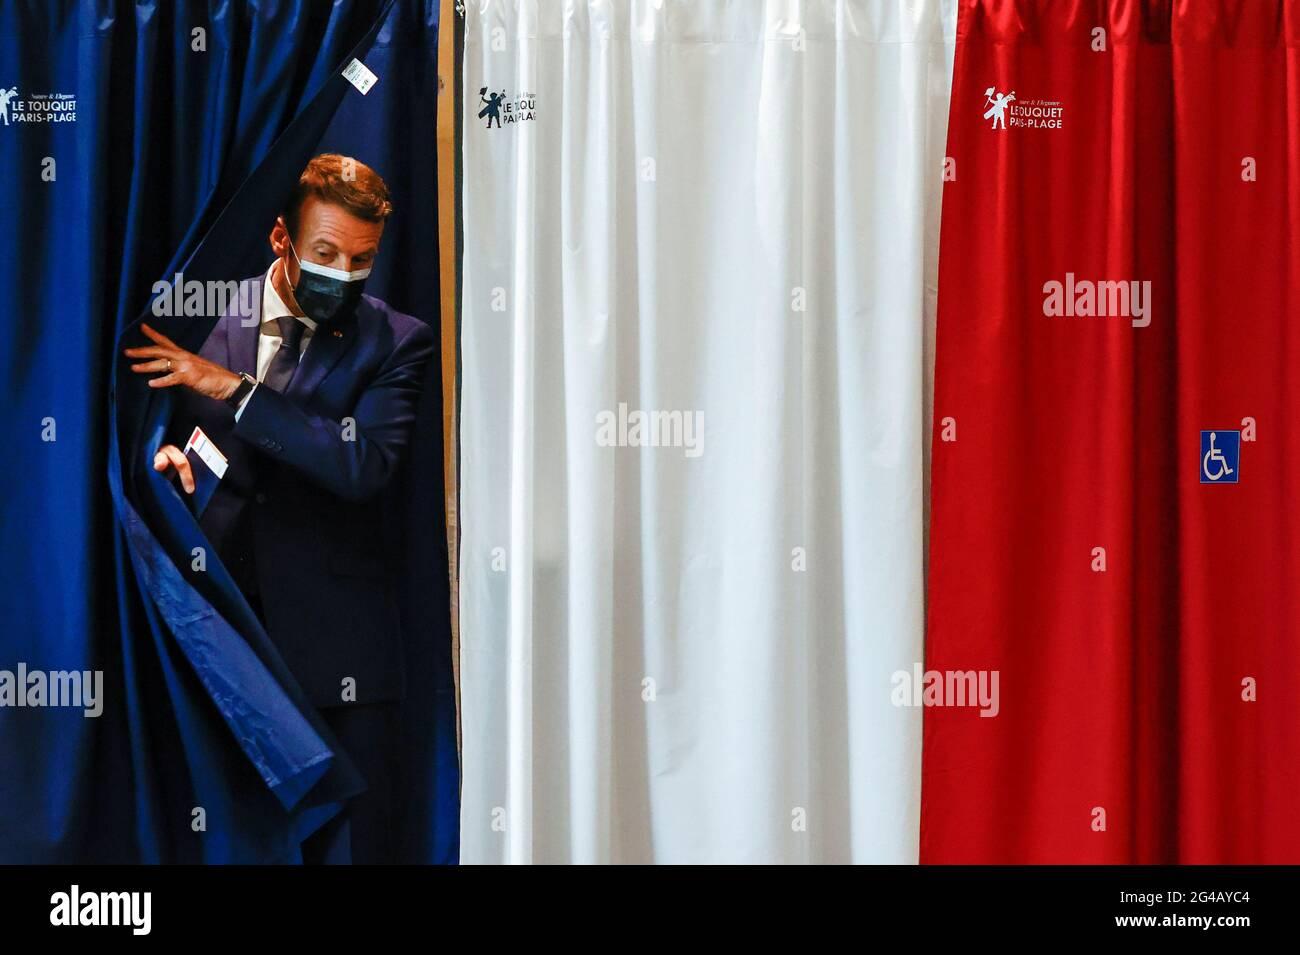 Il presidente francese Emmanuel Macron è visto in una stazione elettorale durante il primo turno delle elezioni regionali e dipartimentali francesi, a le Touquet-Paris-Plage, Francia, 20 giugno 2021. REUTERS/Christian Hartmann/Pool Foto Stock